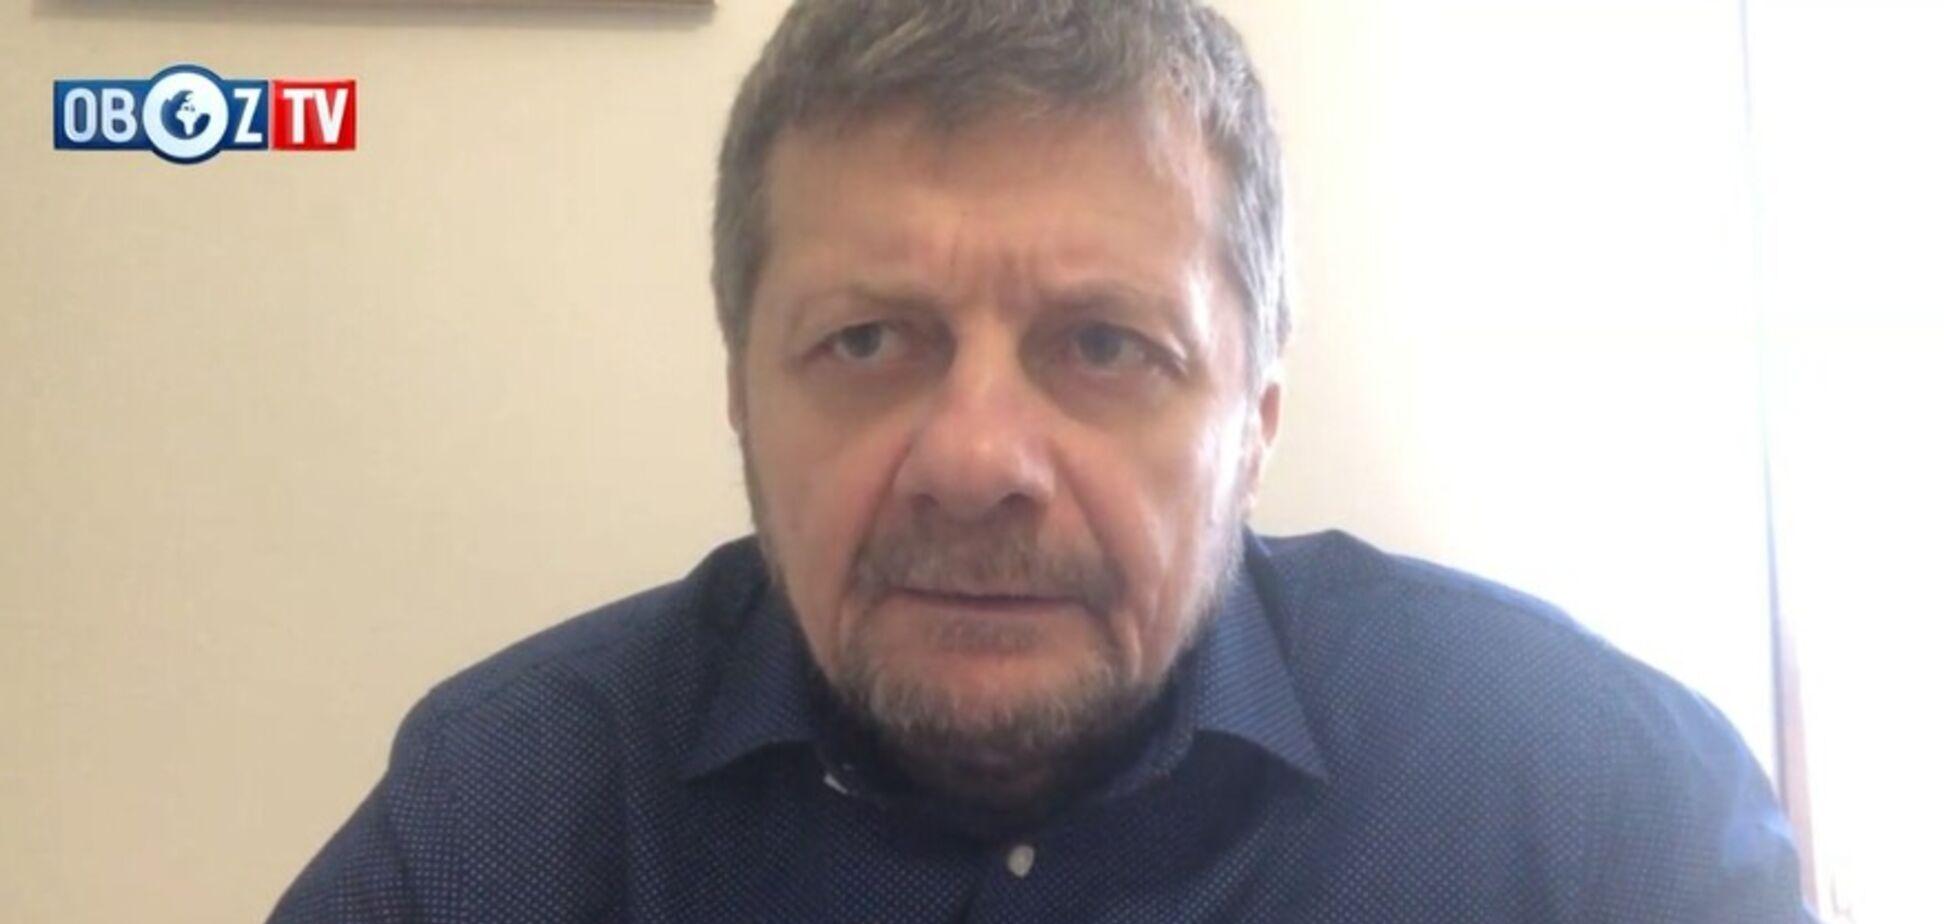 Слідству вже відомі замовники вбивства Окуєвої: екснардеп Ігор Мосійчук